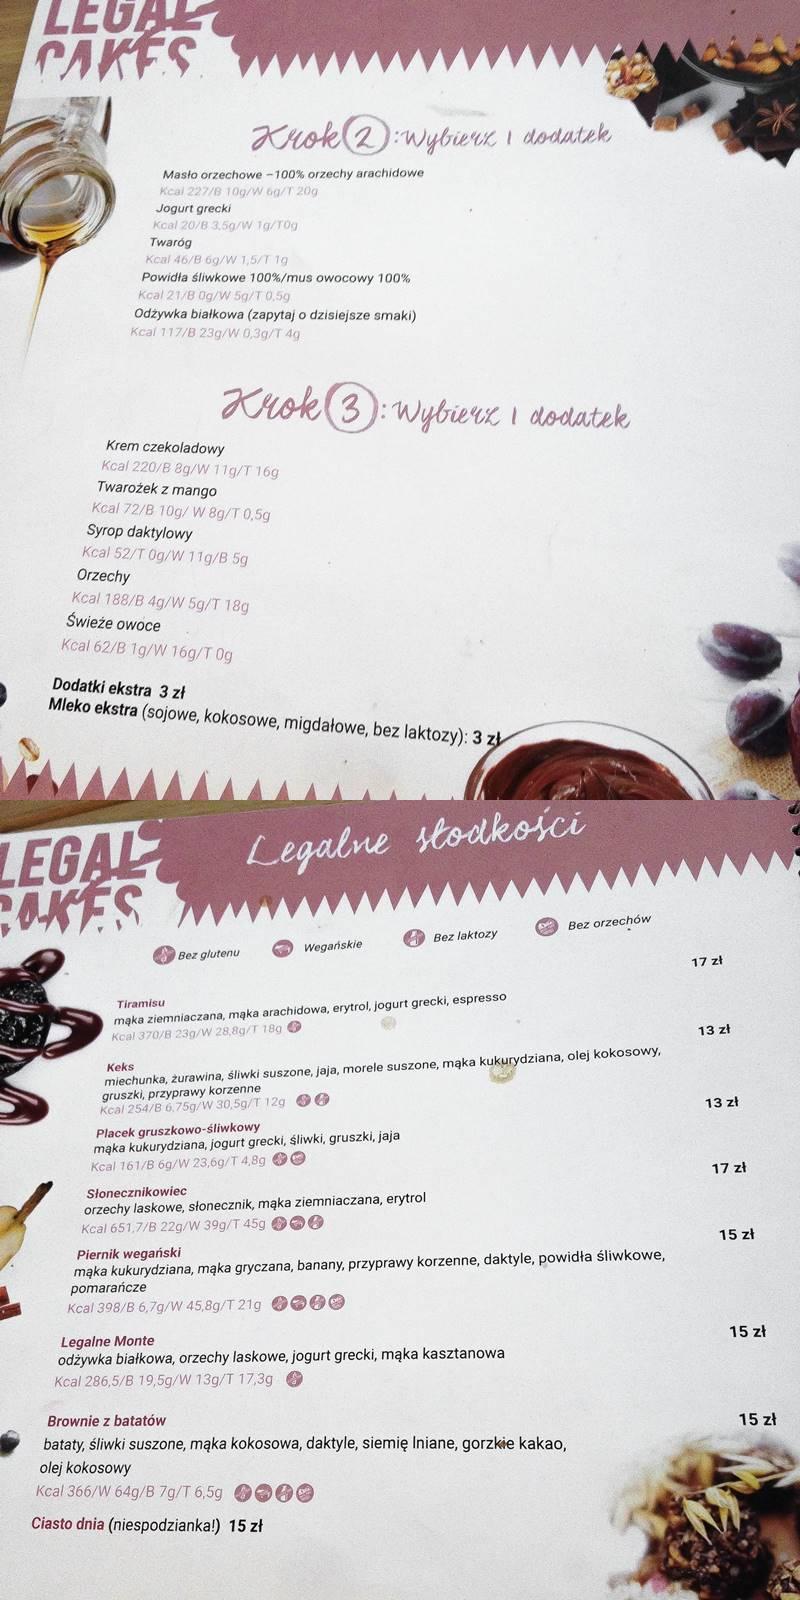 ciasto-menu-2-bounty-czekoladowe-legal-cake-warszawa-opinie-restauracja-chlodna